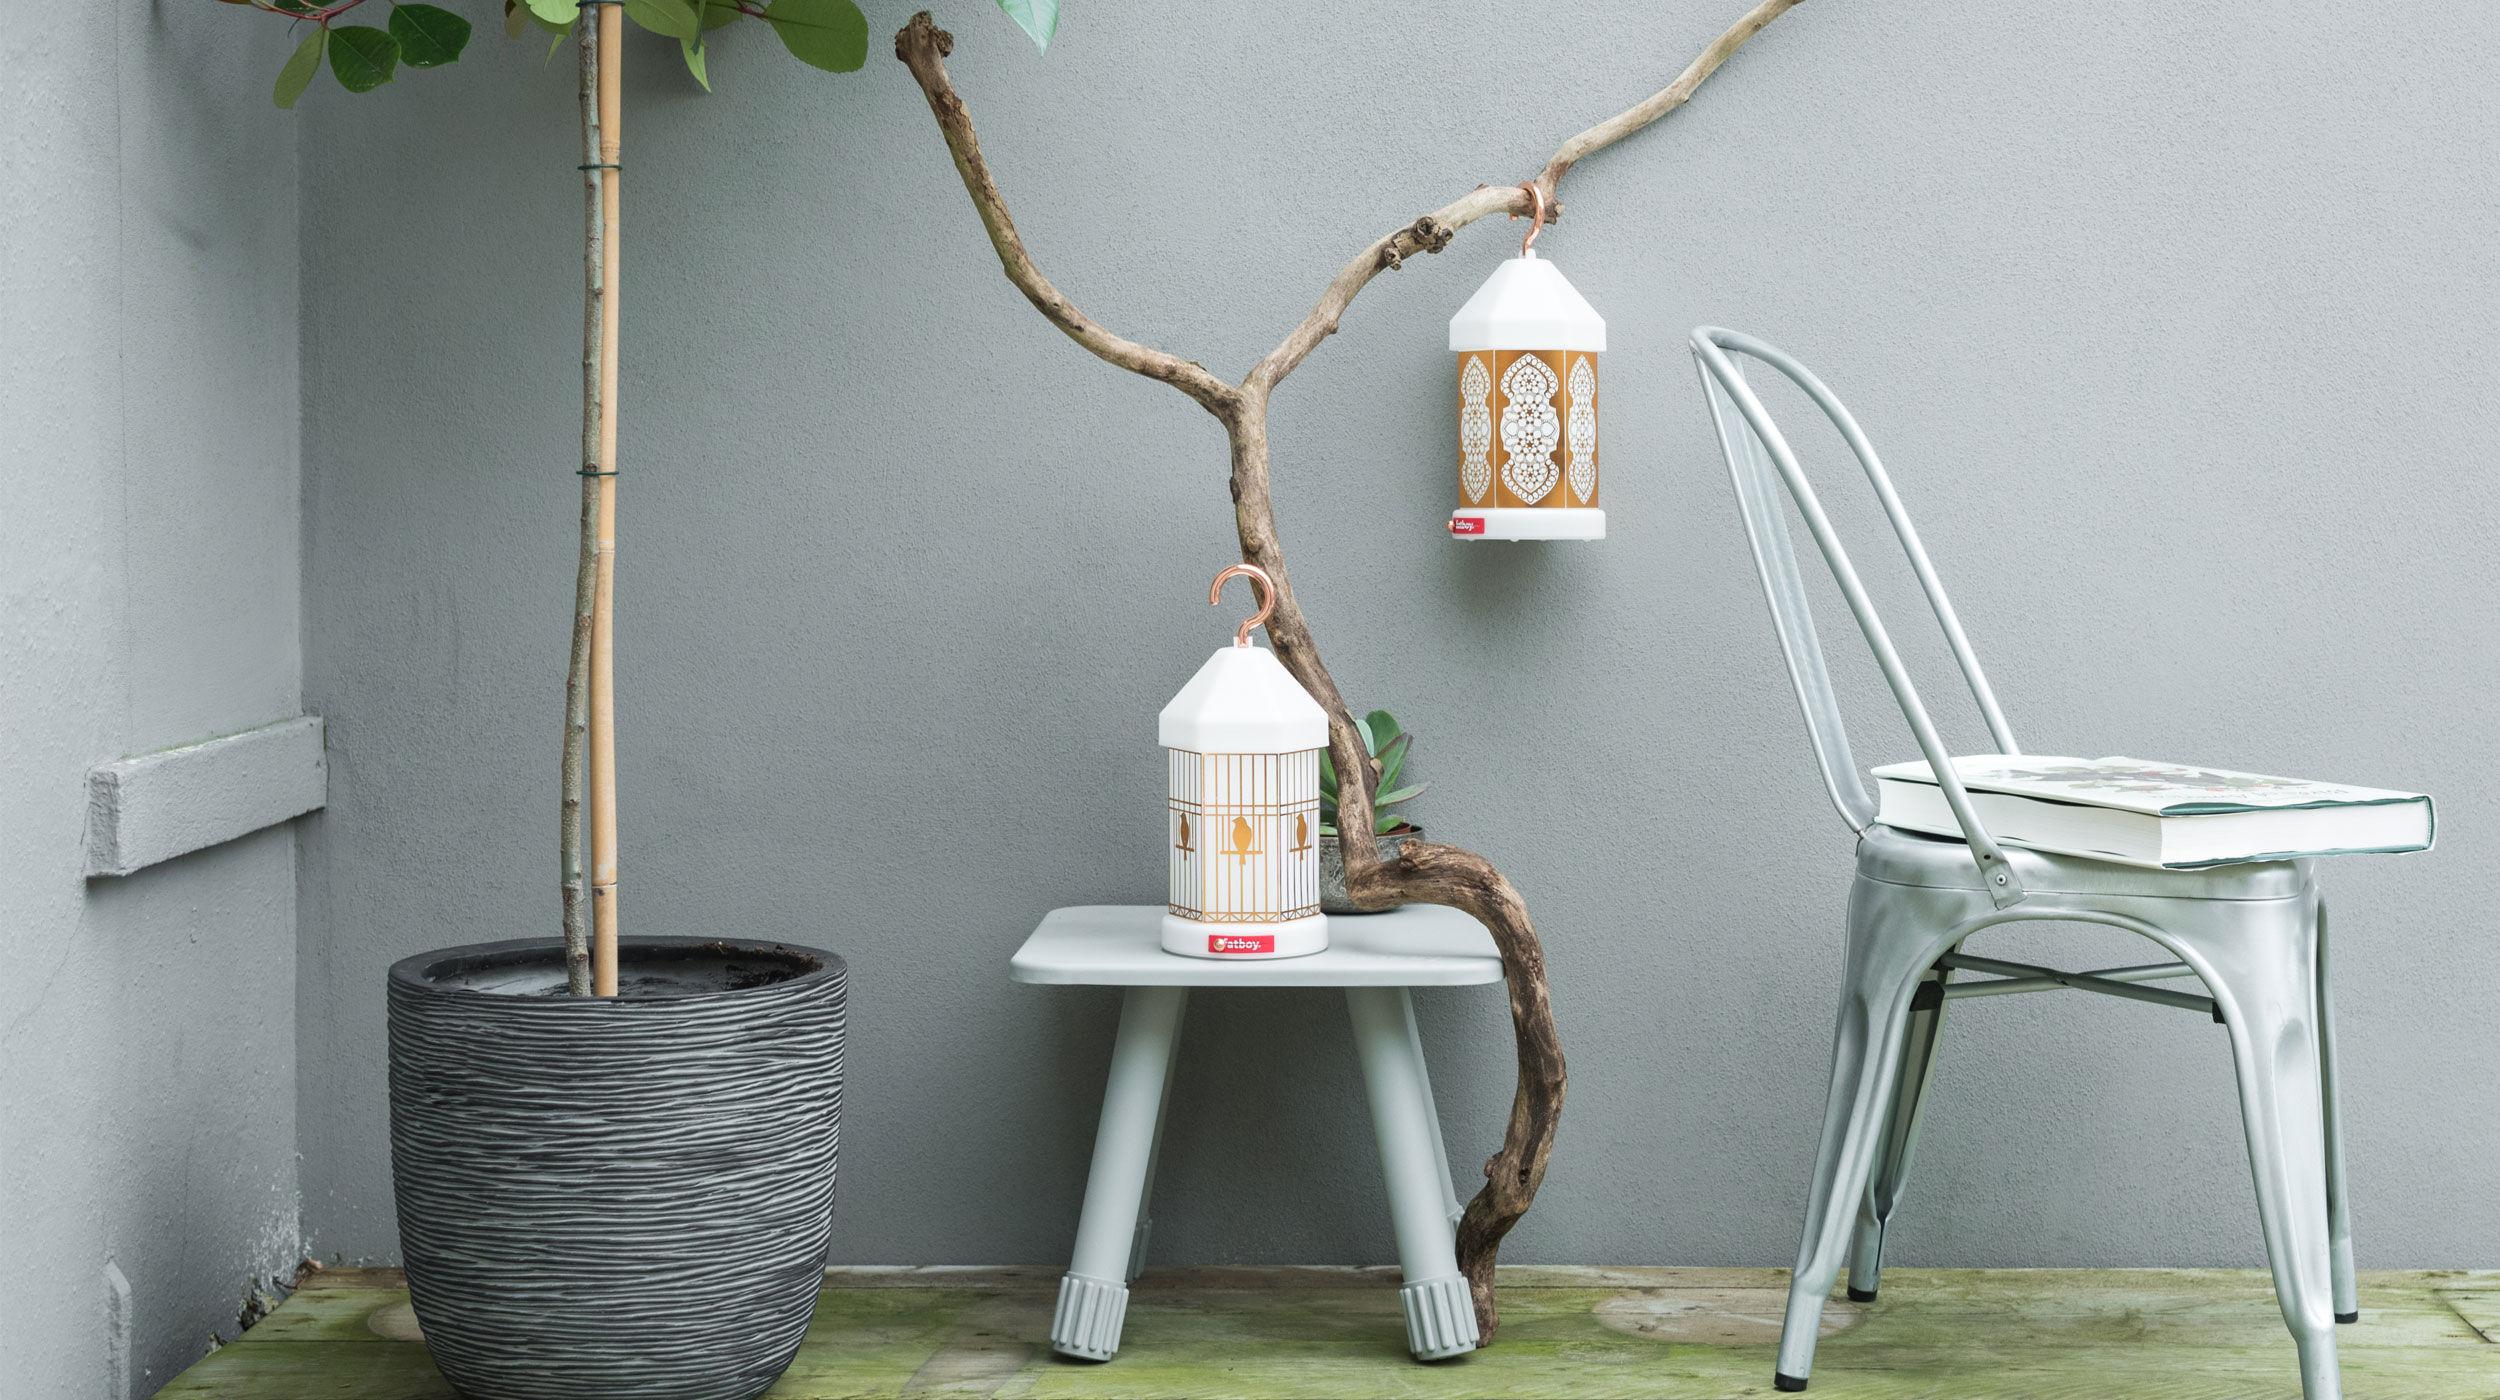 Lampe Ohne Kabel Lampie-ON Von Fatboy - Weiß